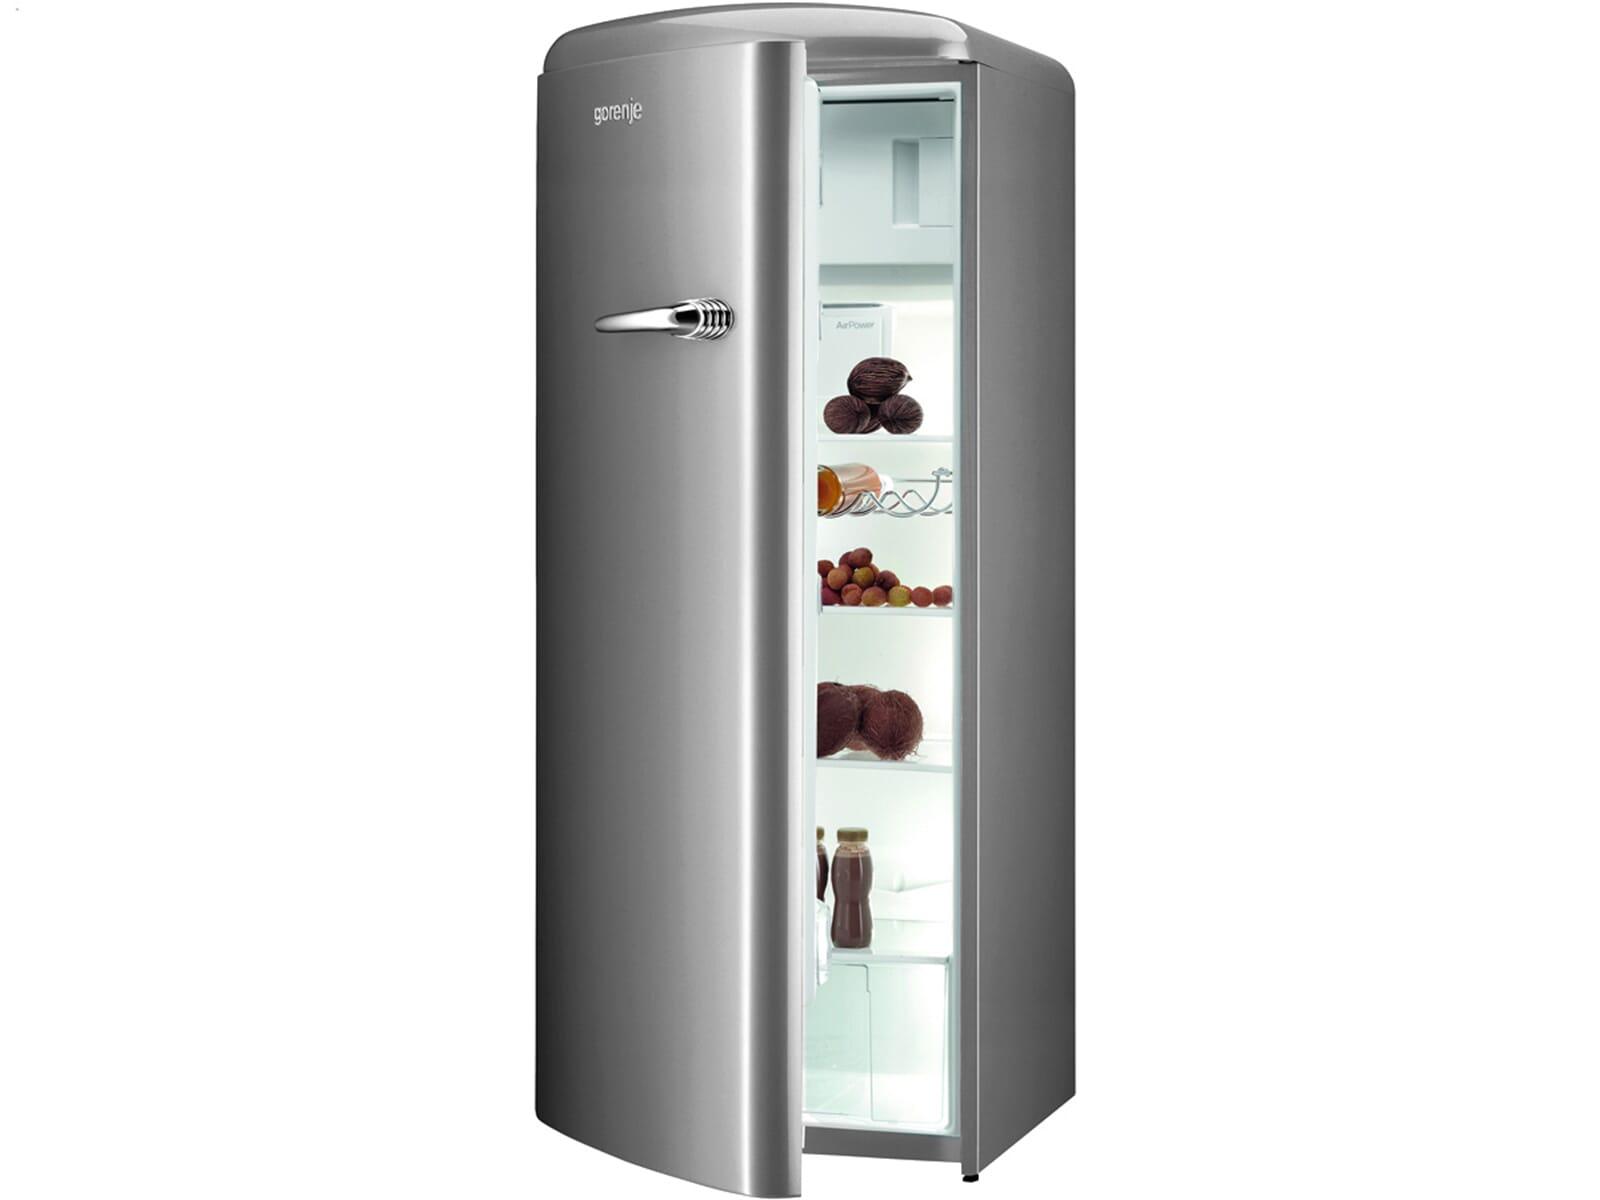 Smeg Kühlschrank Wasser Läuft Aus : Aeg kühlschrank wasser läuft nicht ab aeg kühlschrank wasser